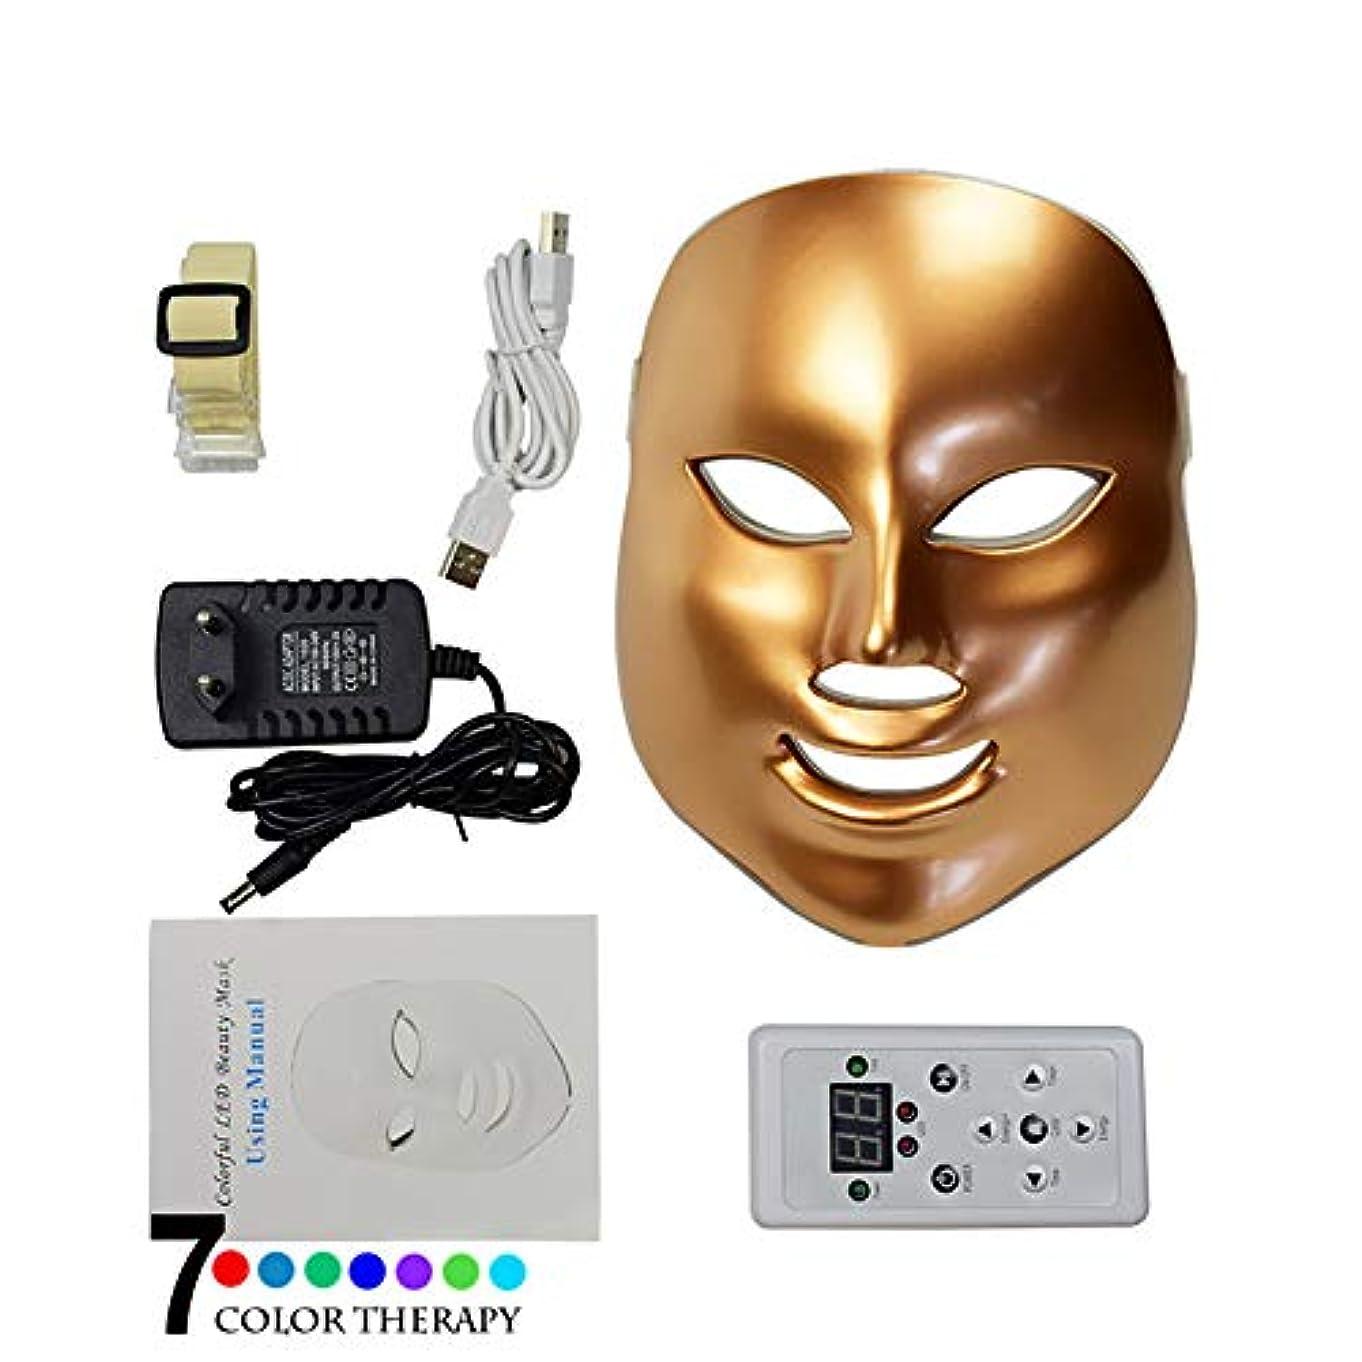 改革抜け目のない歯科医7色LEDフェイスマスク、7色LEDスキン光線療法器具、健康的な肌の若返りのためのレッドライトセラピー、アンチエイジング、しわ、瘢痕化,Gold